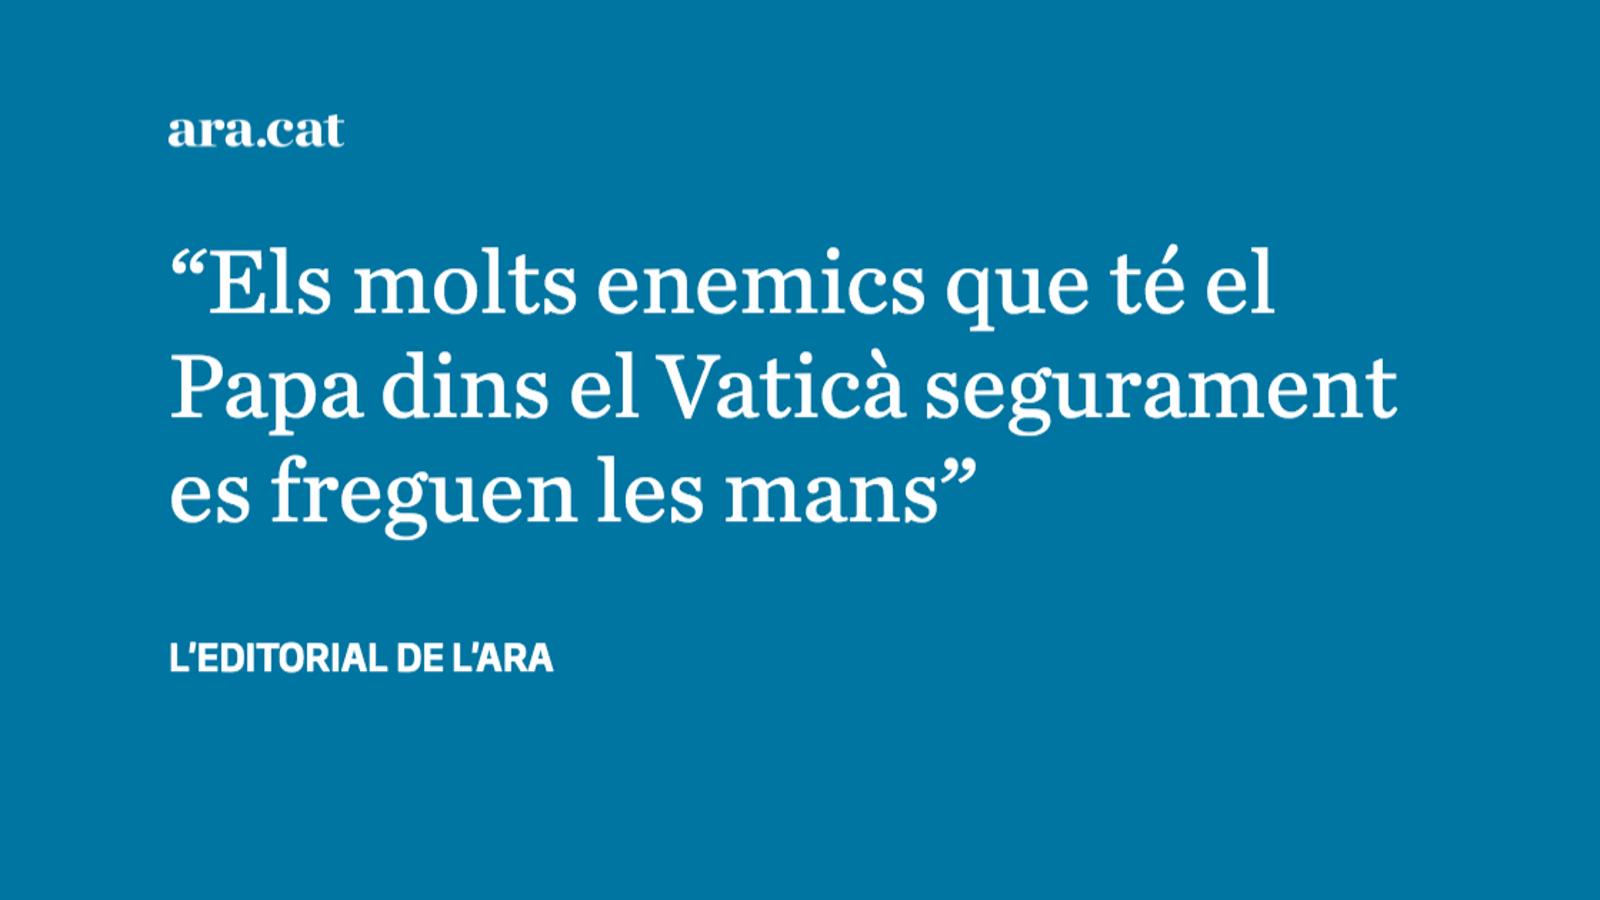 Una cimera vaticana contra els abusos que provoca escepticisme